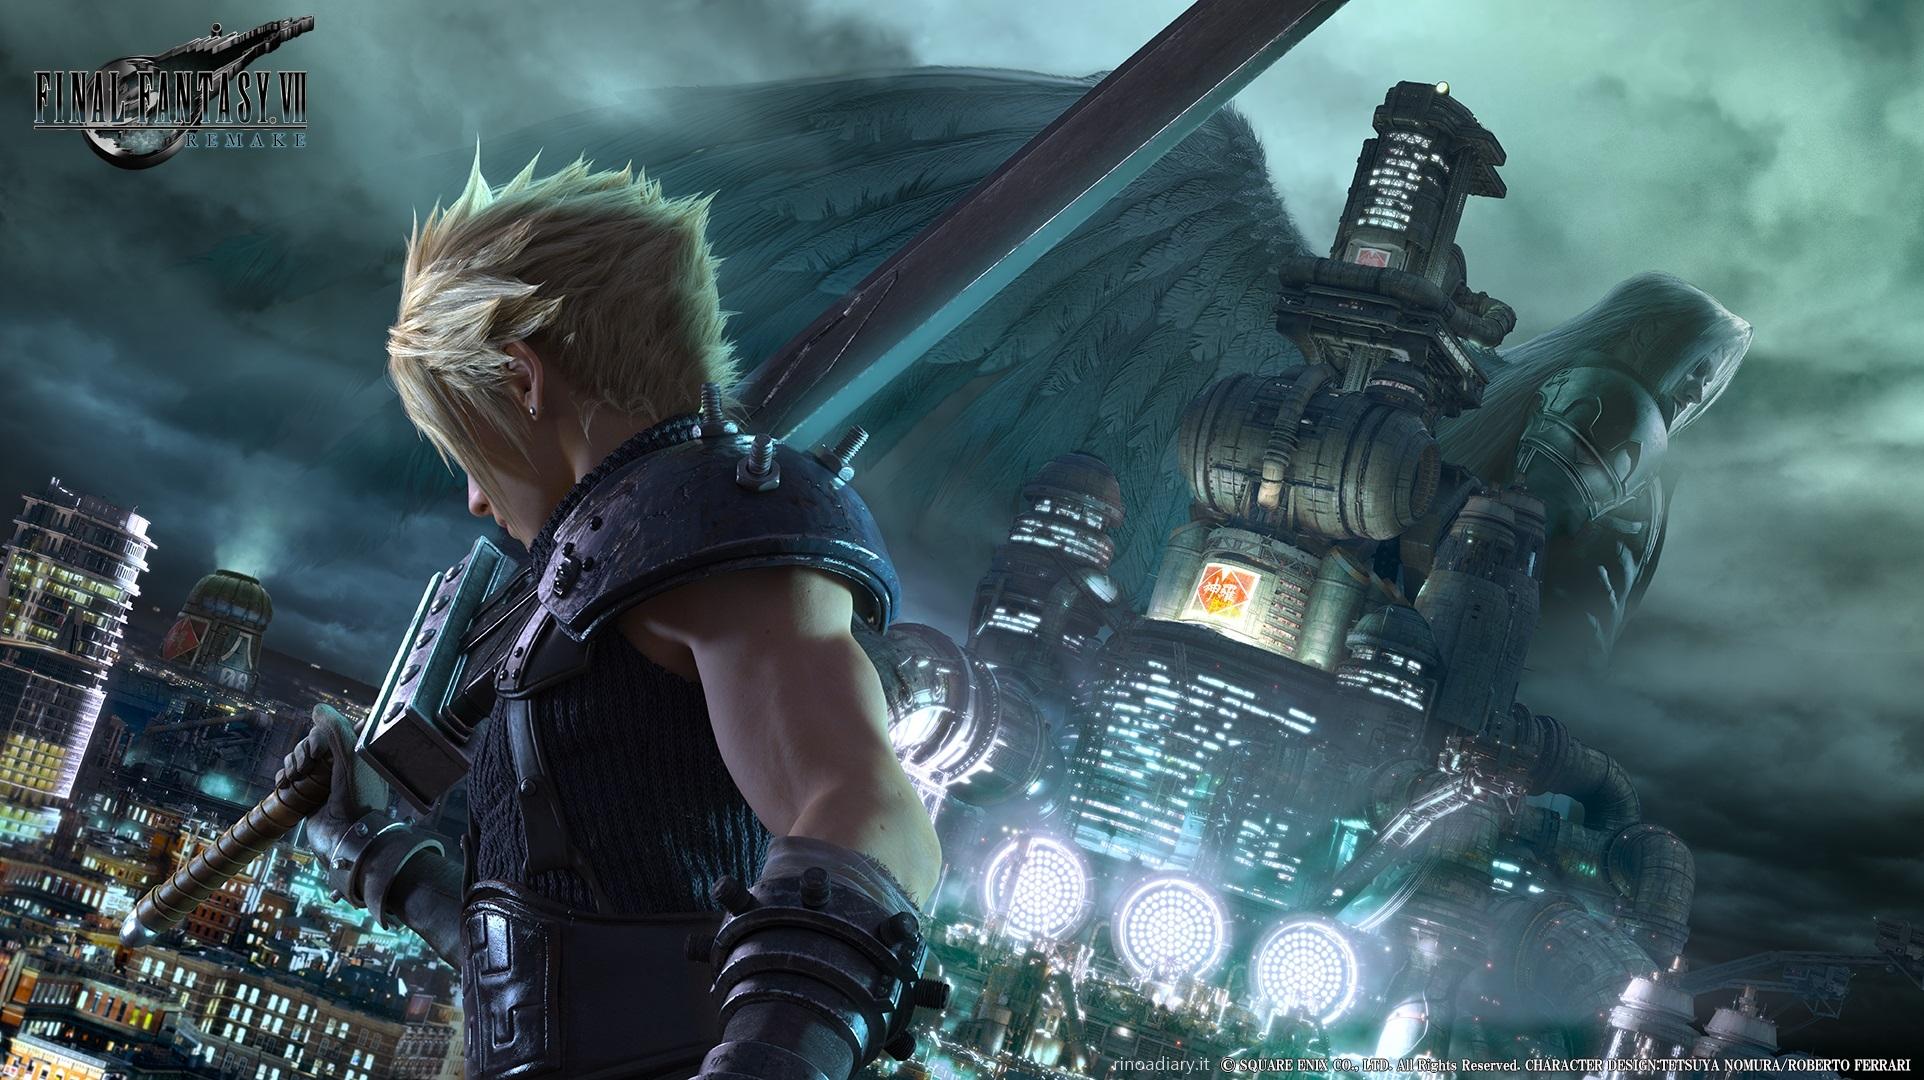 Key-Visual di Cloud, Final Fantasy VII Remake